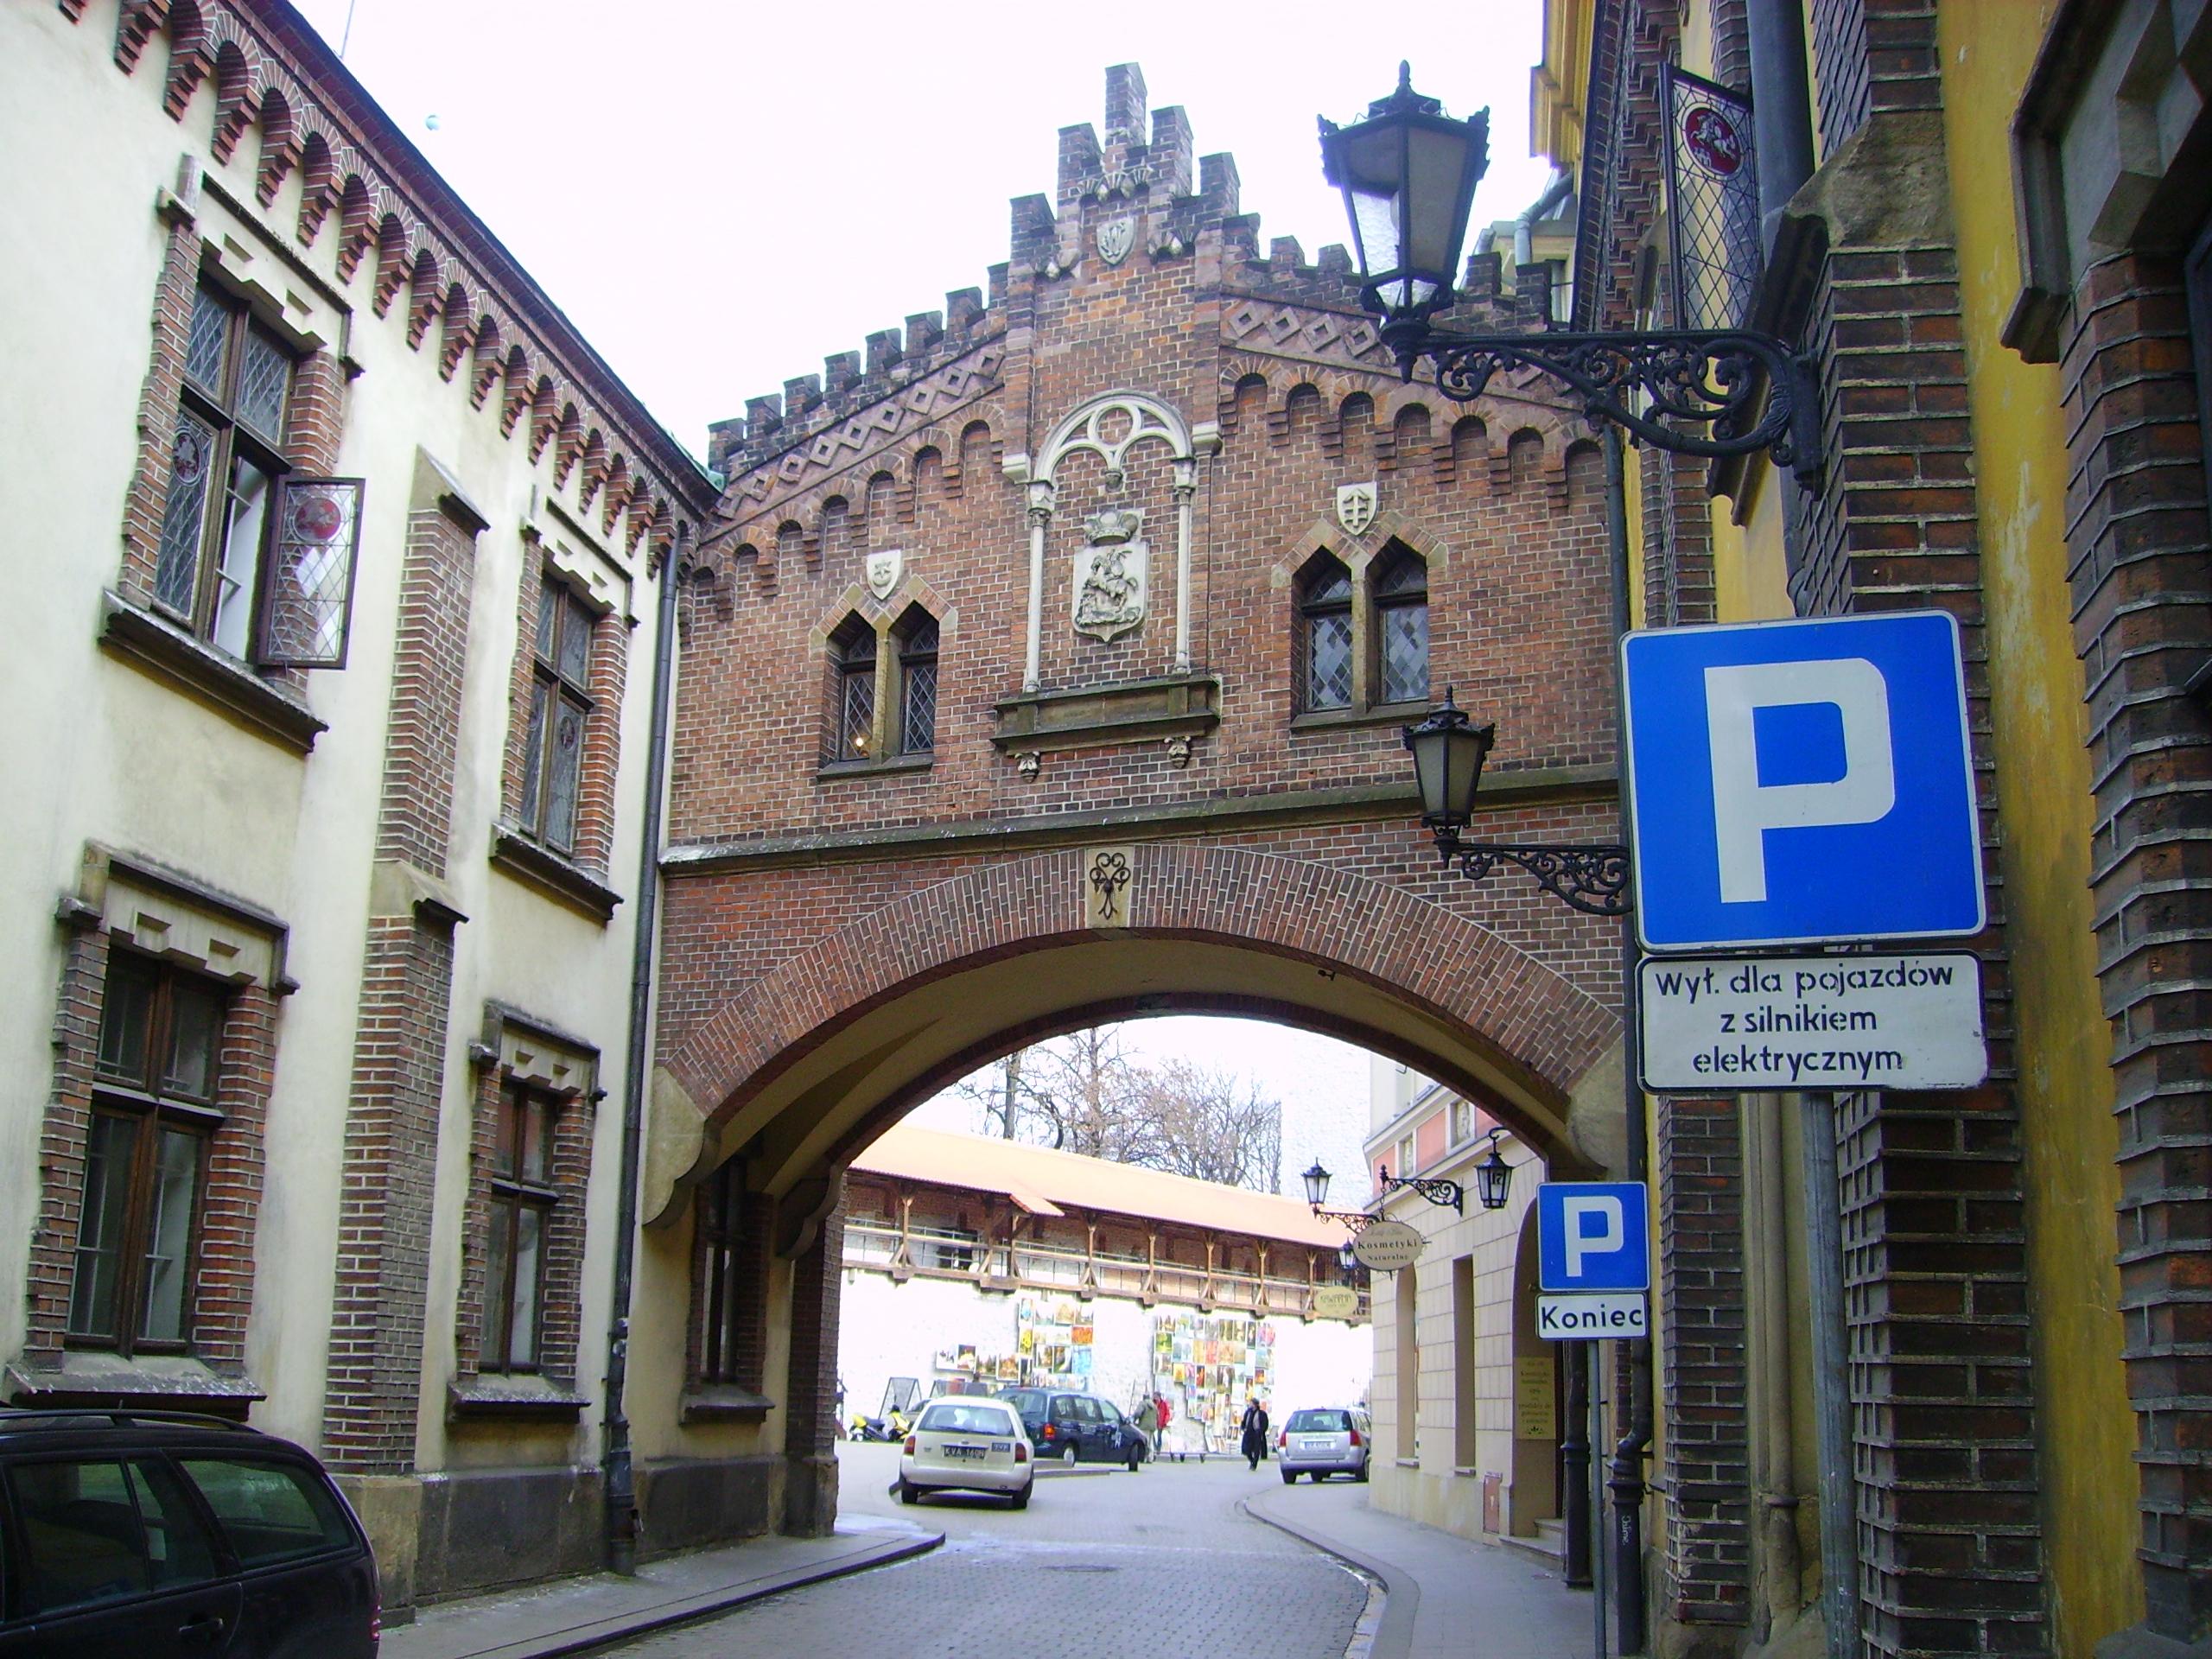 File Przewiazka Pomiedzy Palacem A Klasztorkiem Jpg Wikimedia Commons